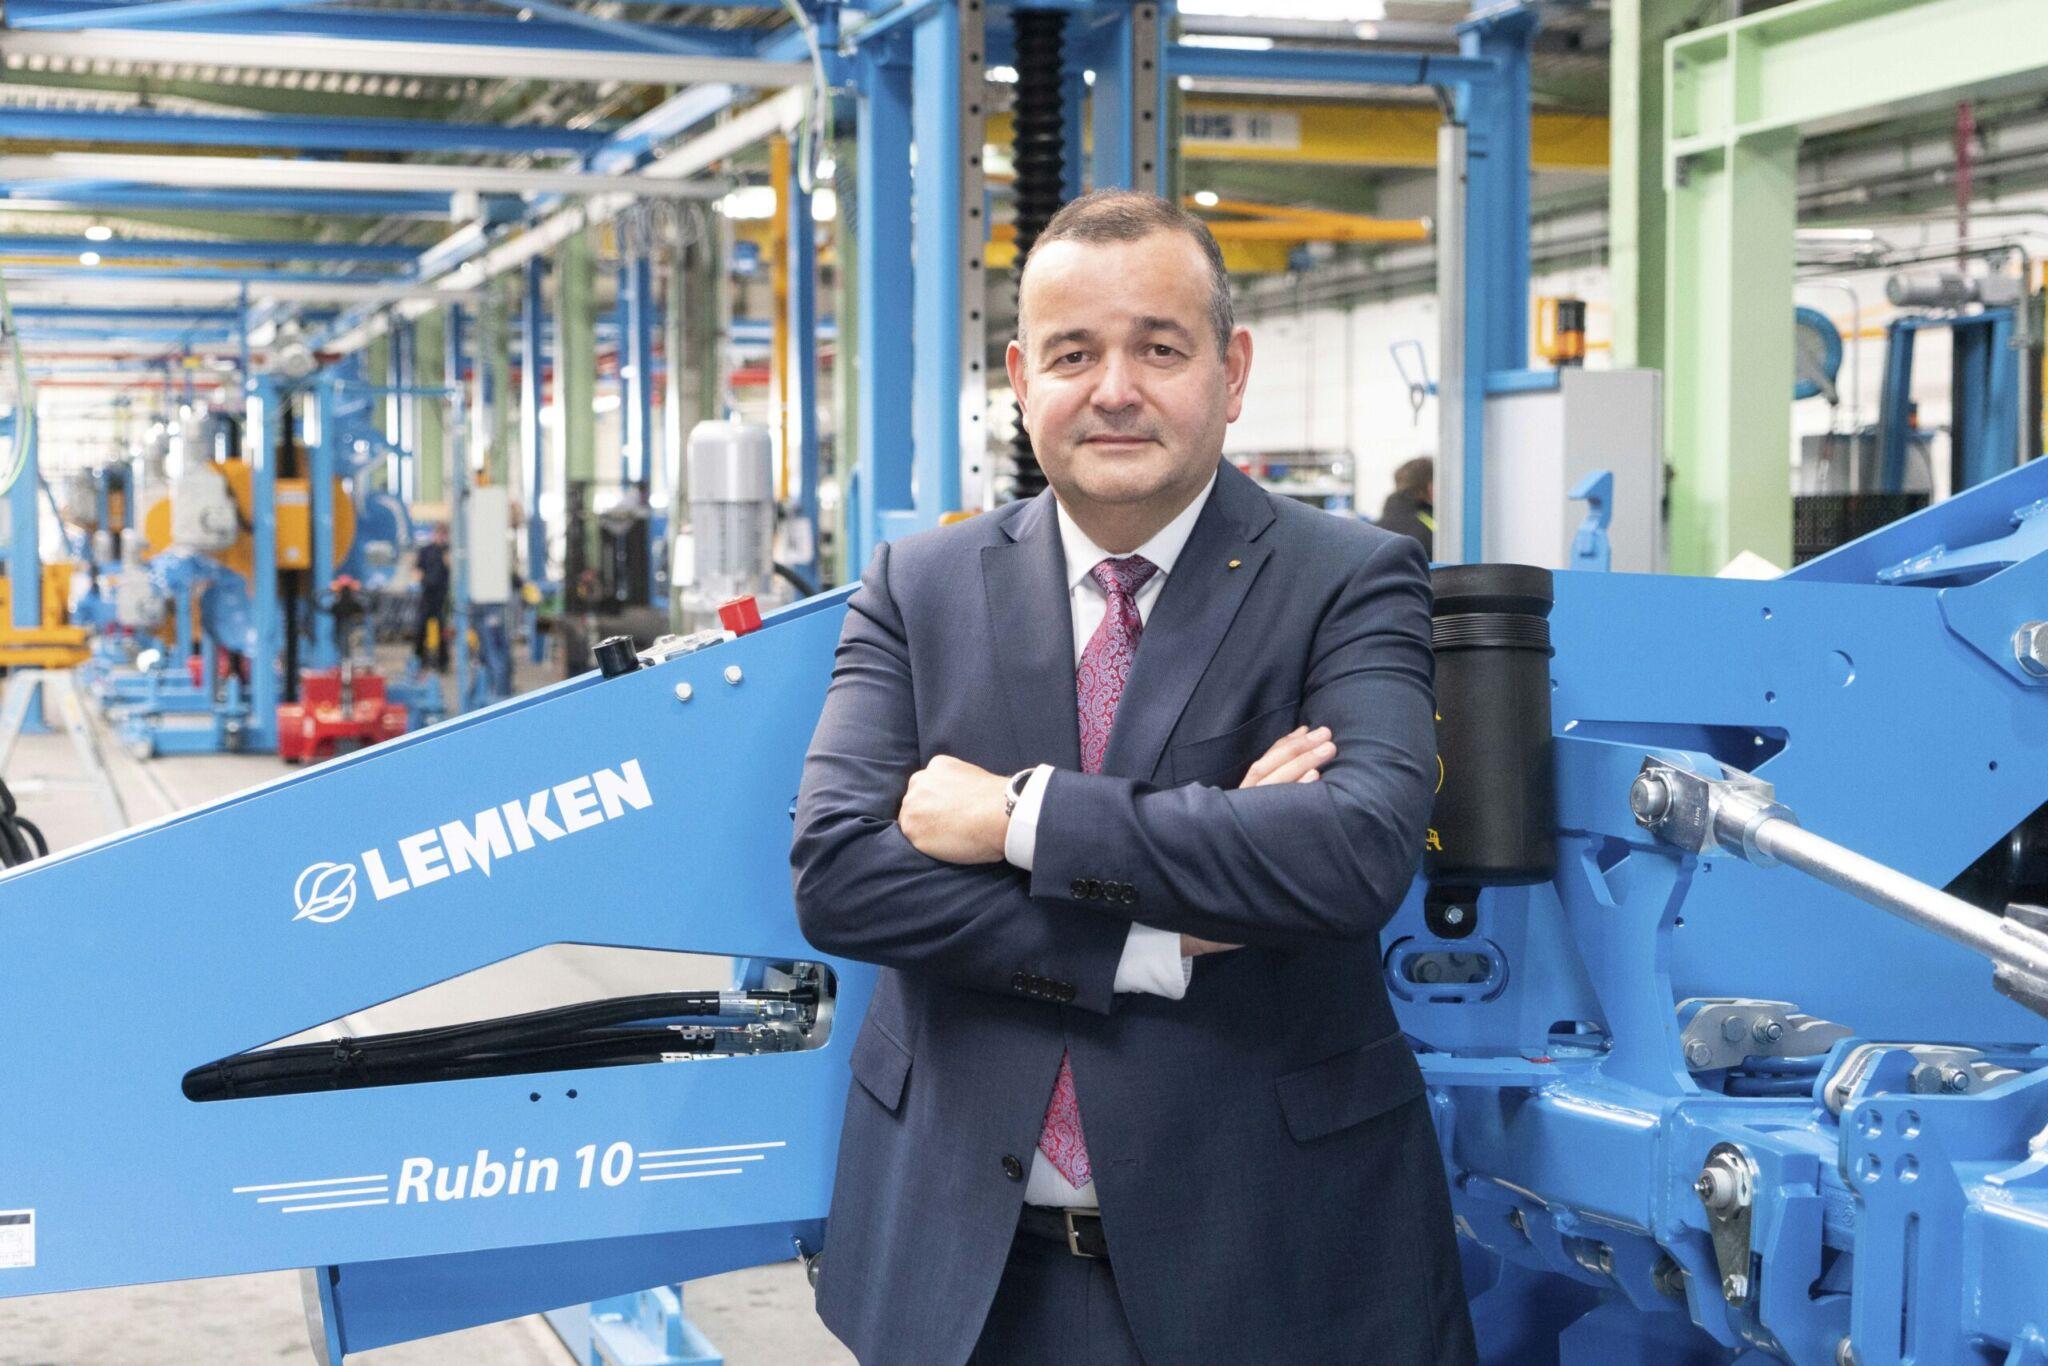 Lemken Geschäftsführer van der Ley |copyright: Lemken